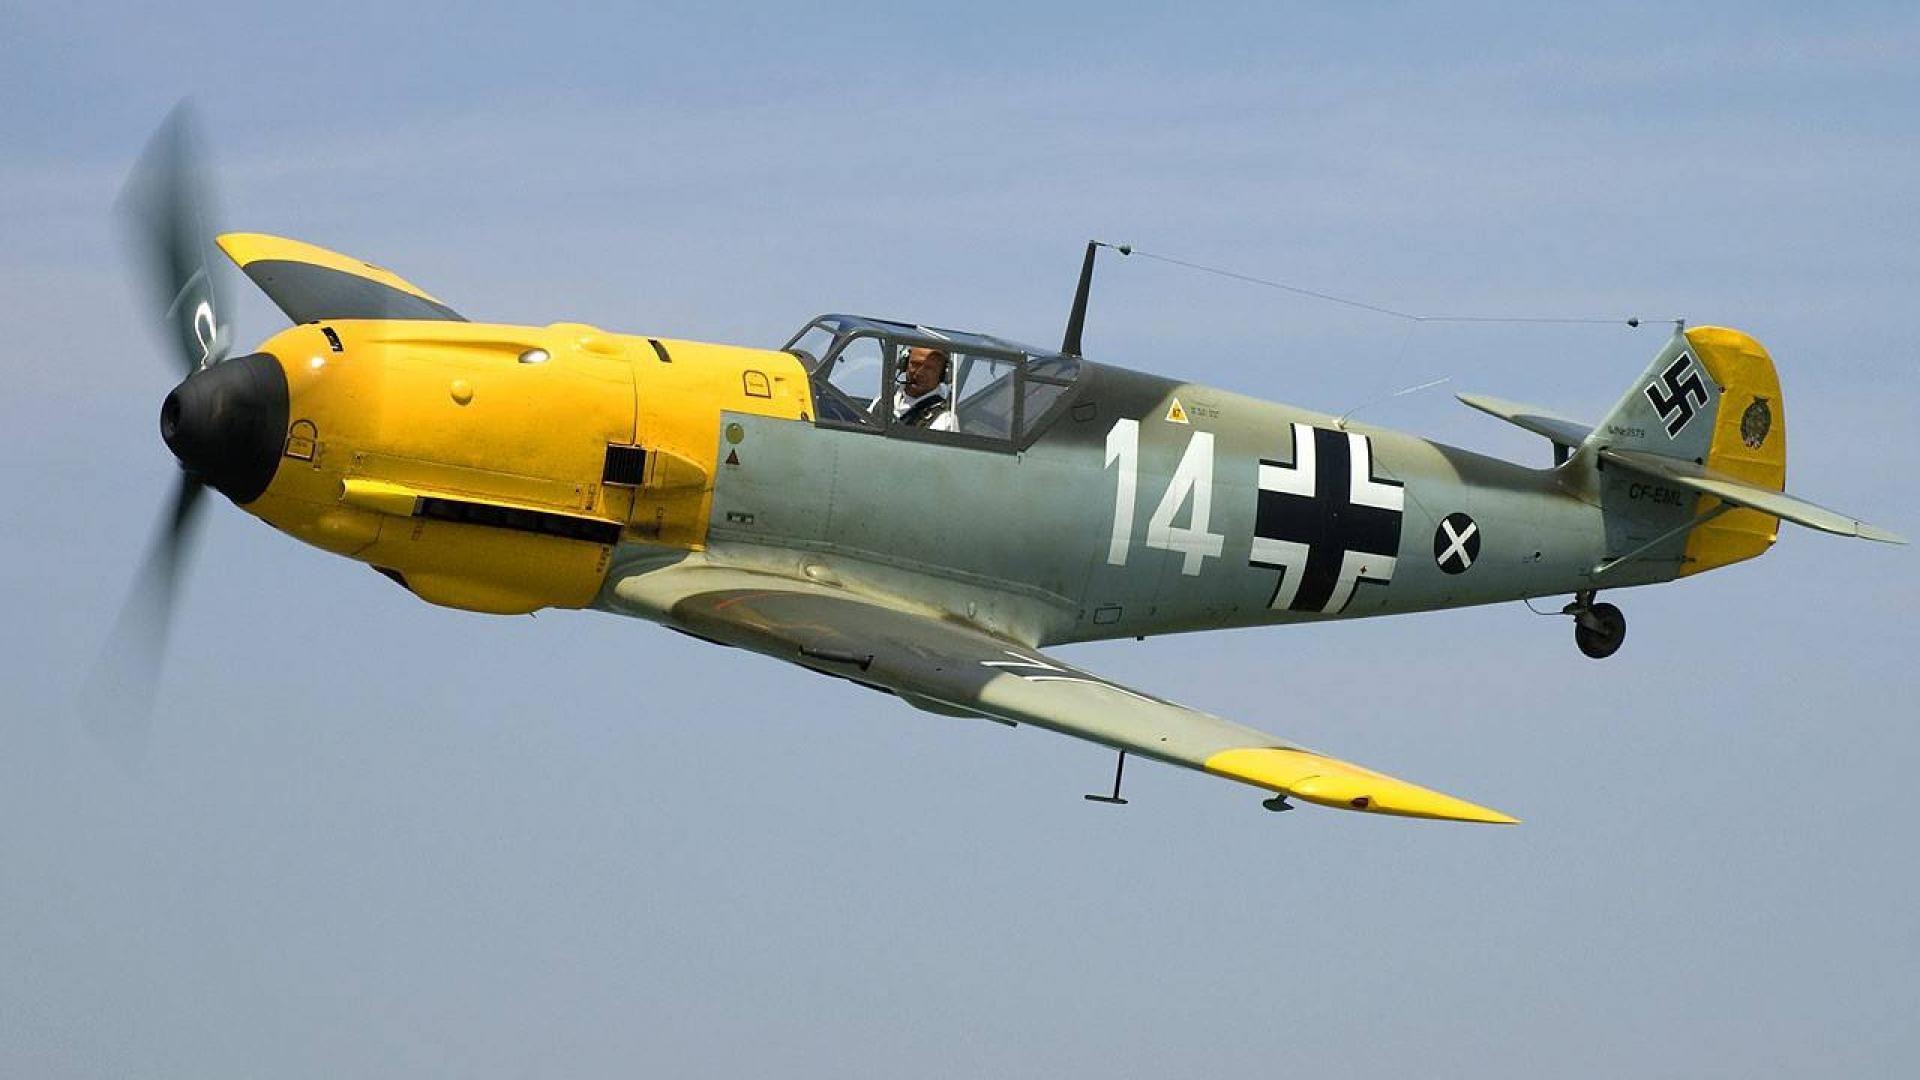 aircraft airplanes fighter messerschmitt world war ii luftwaffe .